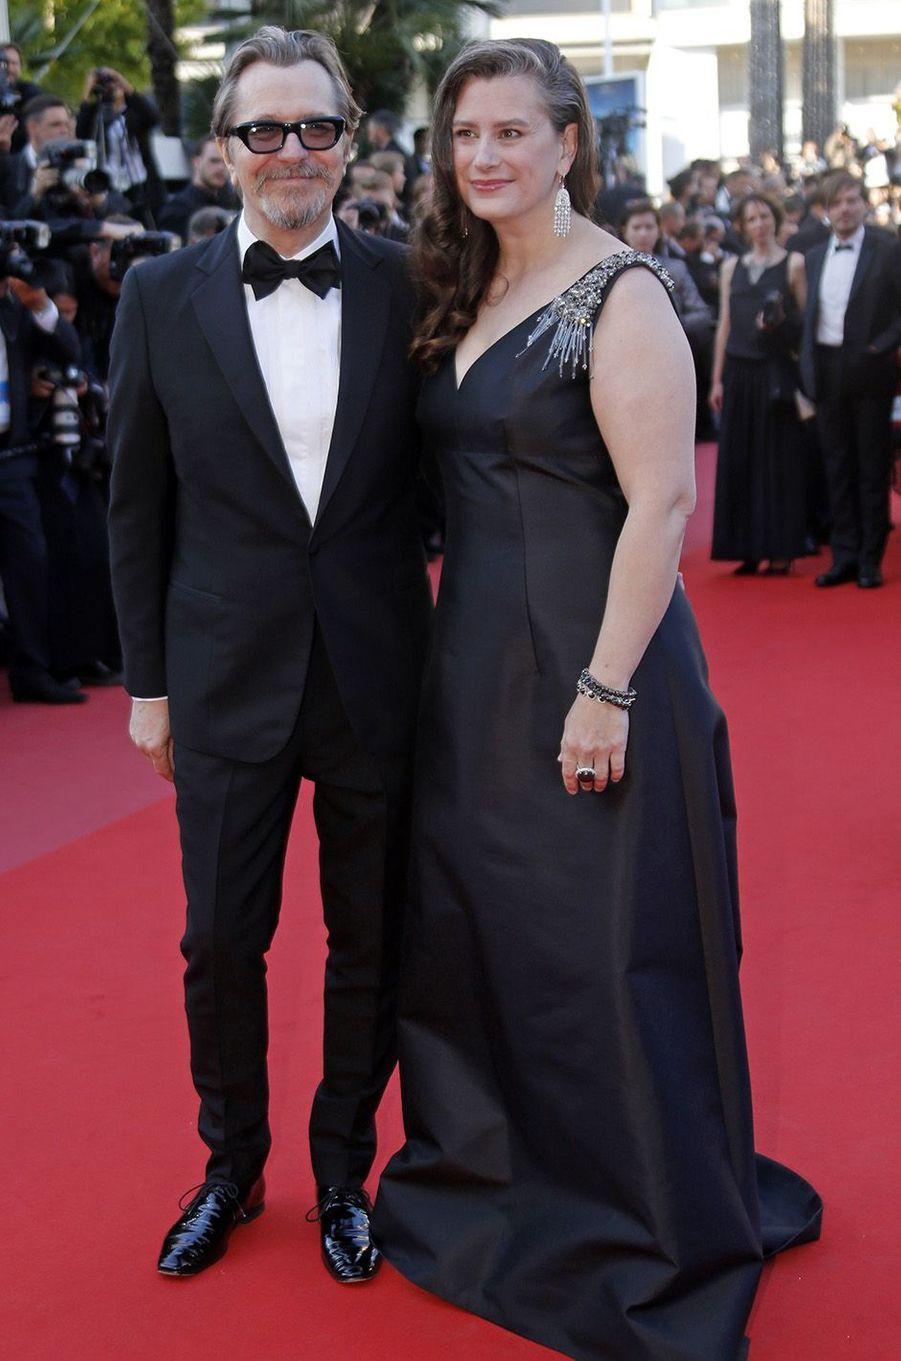 Gary Oldman et son épouse sur les marches du festival de Cannes, le 17 mai 2018.